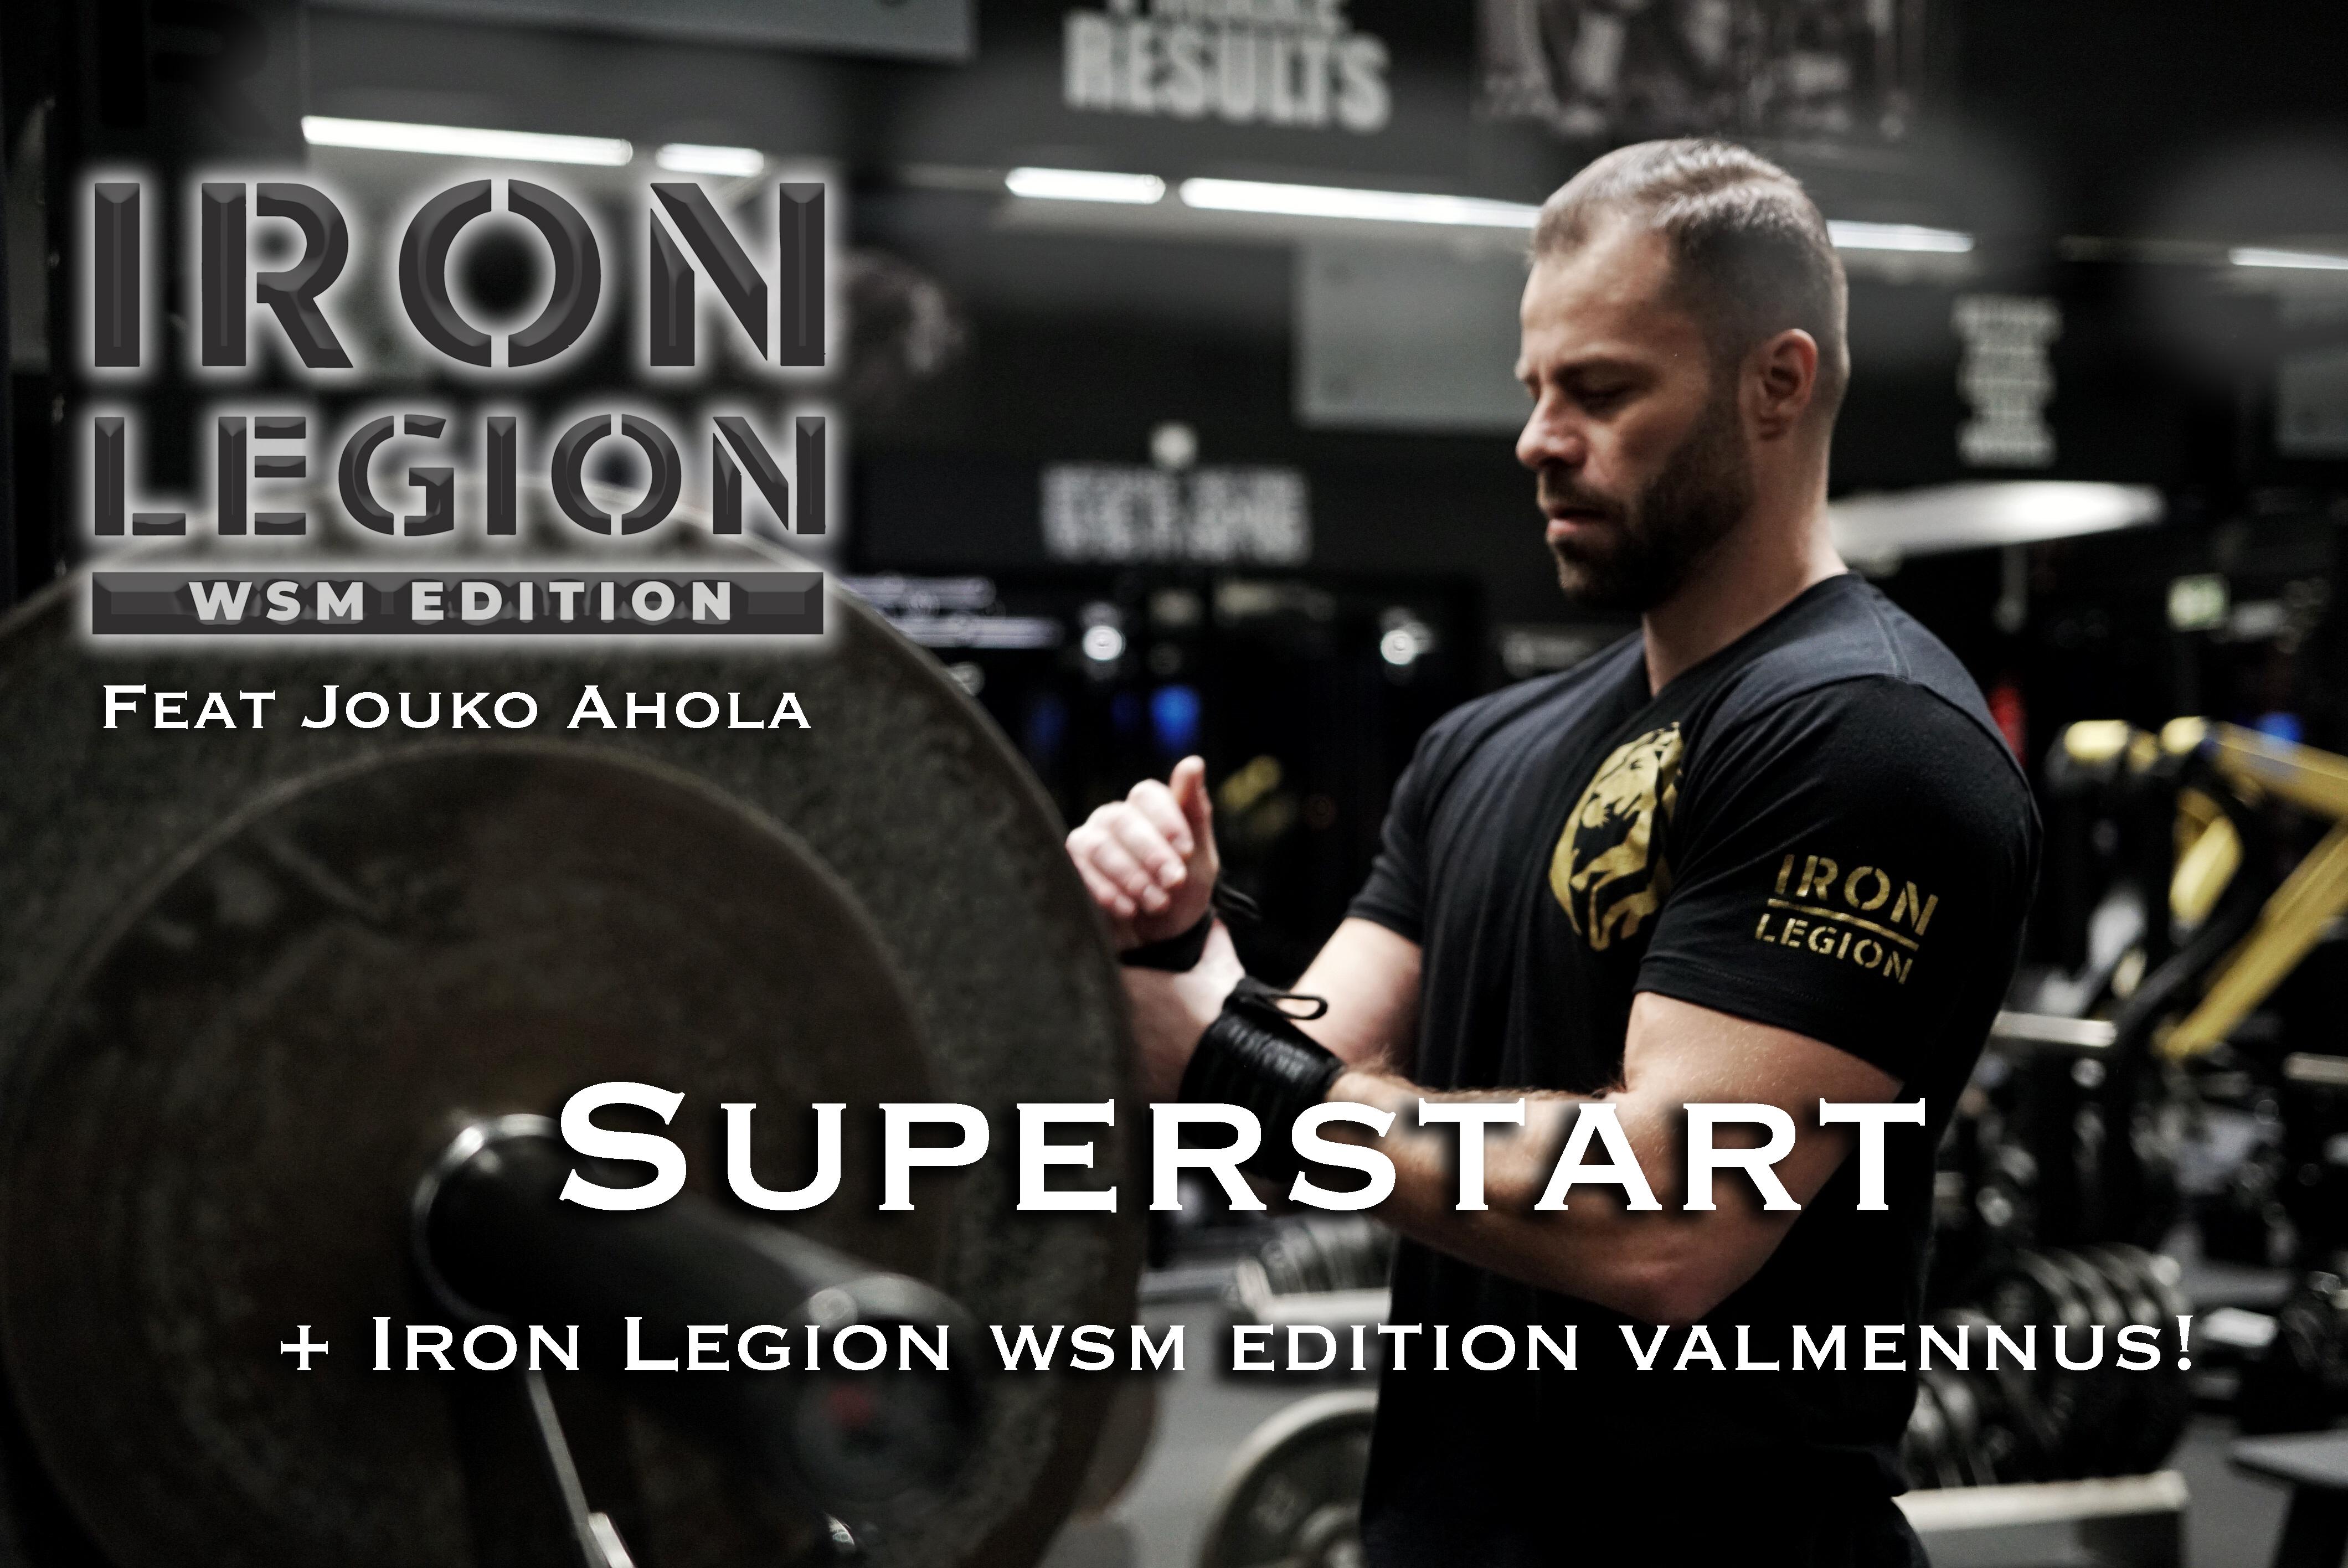 Superstart + Iron Legion WSM Edition